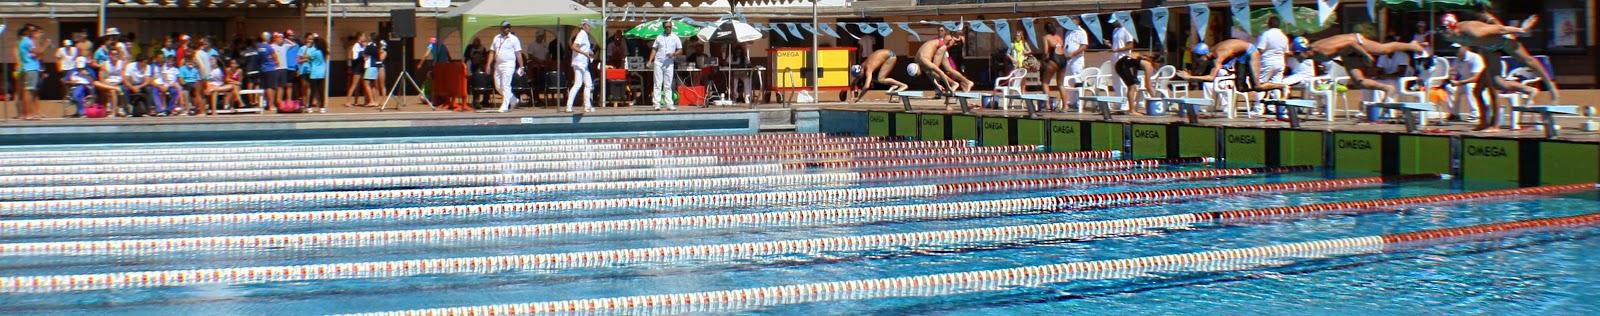 Ntc natacion canaria cr nica trofeo ciudad de santa cruz for Piscina municipal los cristianos